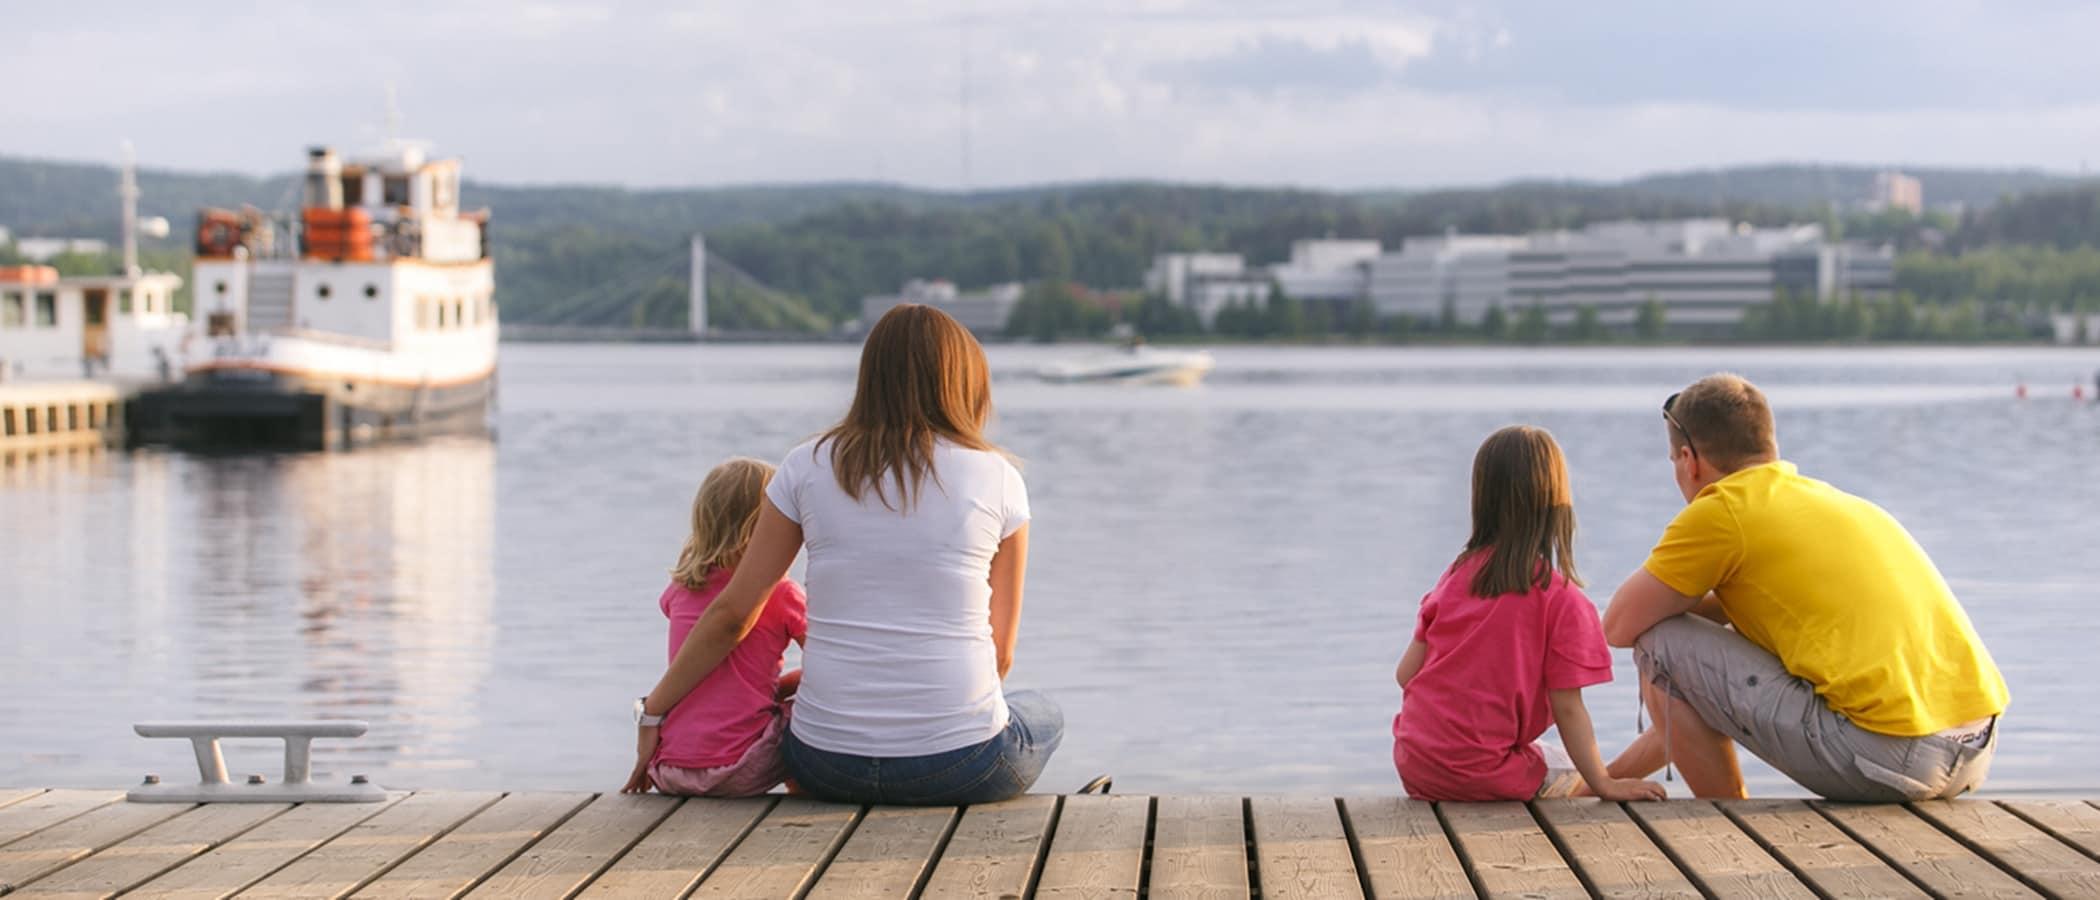 Perhe katsomassa järvimaisemaa Jyväskylän satamassa, Keski-Suomessa.